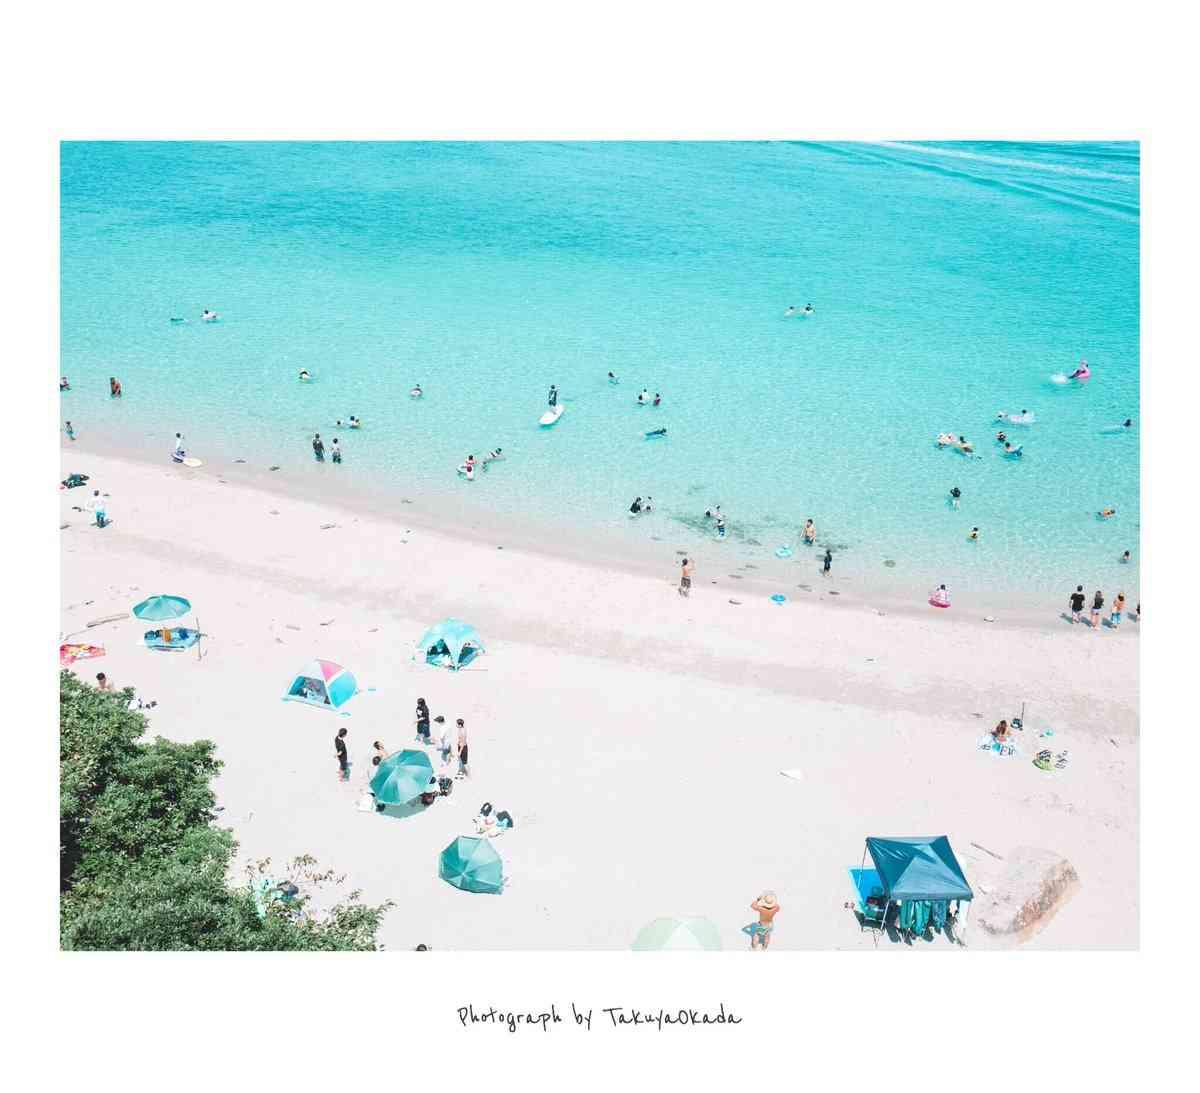 透き通る、幻想的な青い海... 高知・柏島の絶景、ツイッターで人気に